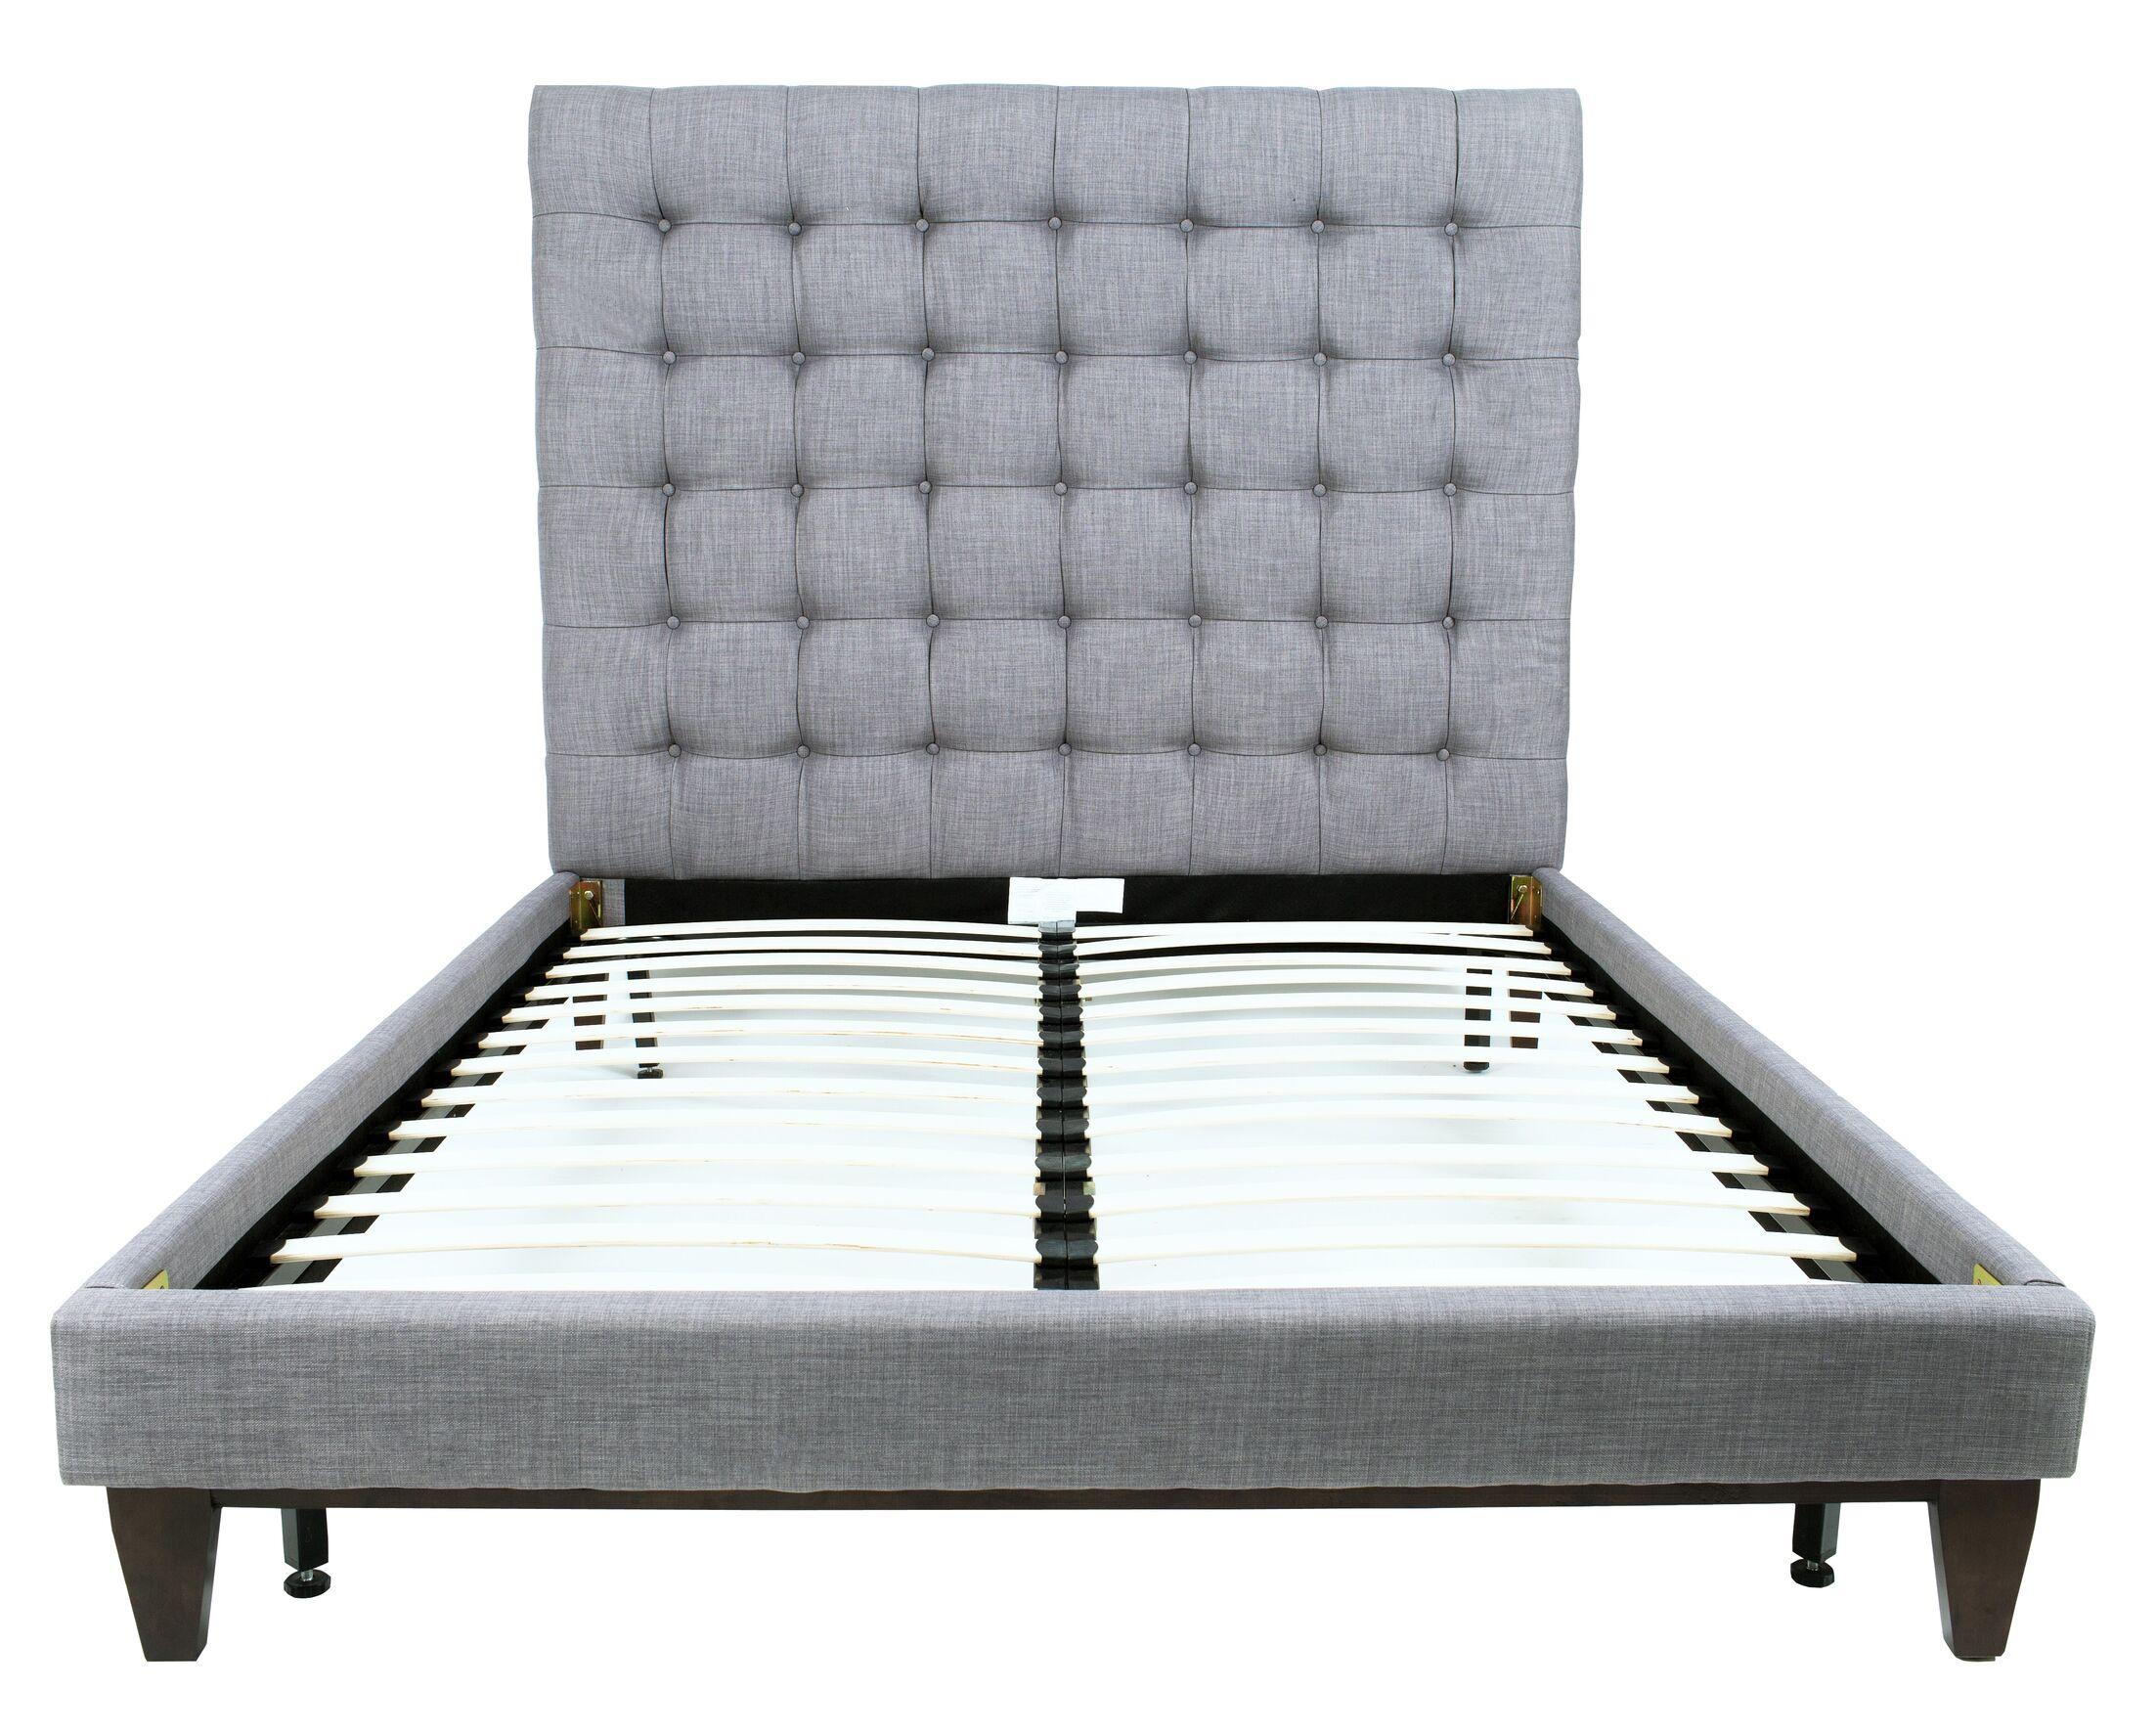 Mccann Linen Bed Frame